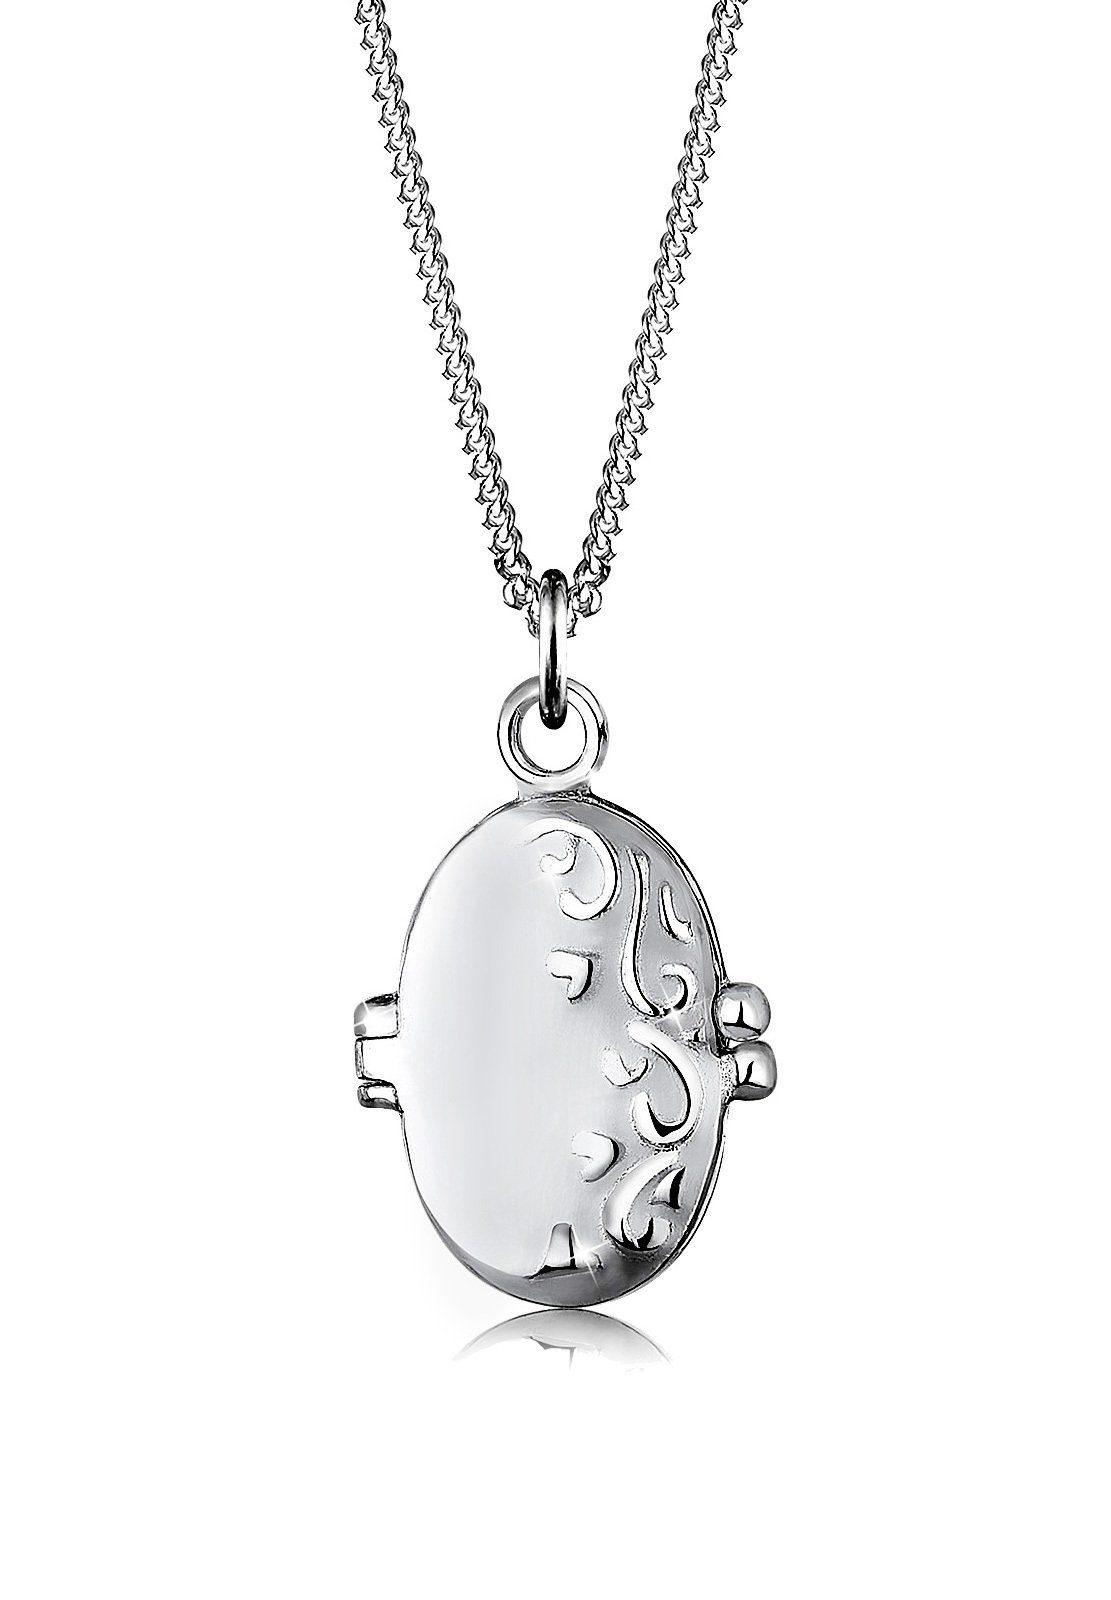 Elli Collierkettchen Medaillon Ornament 925 Sterling Silber Preisvergleich